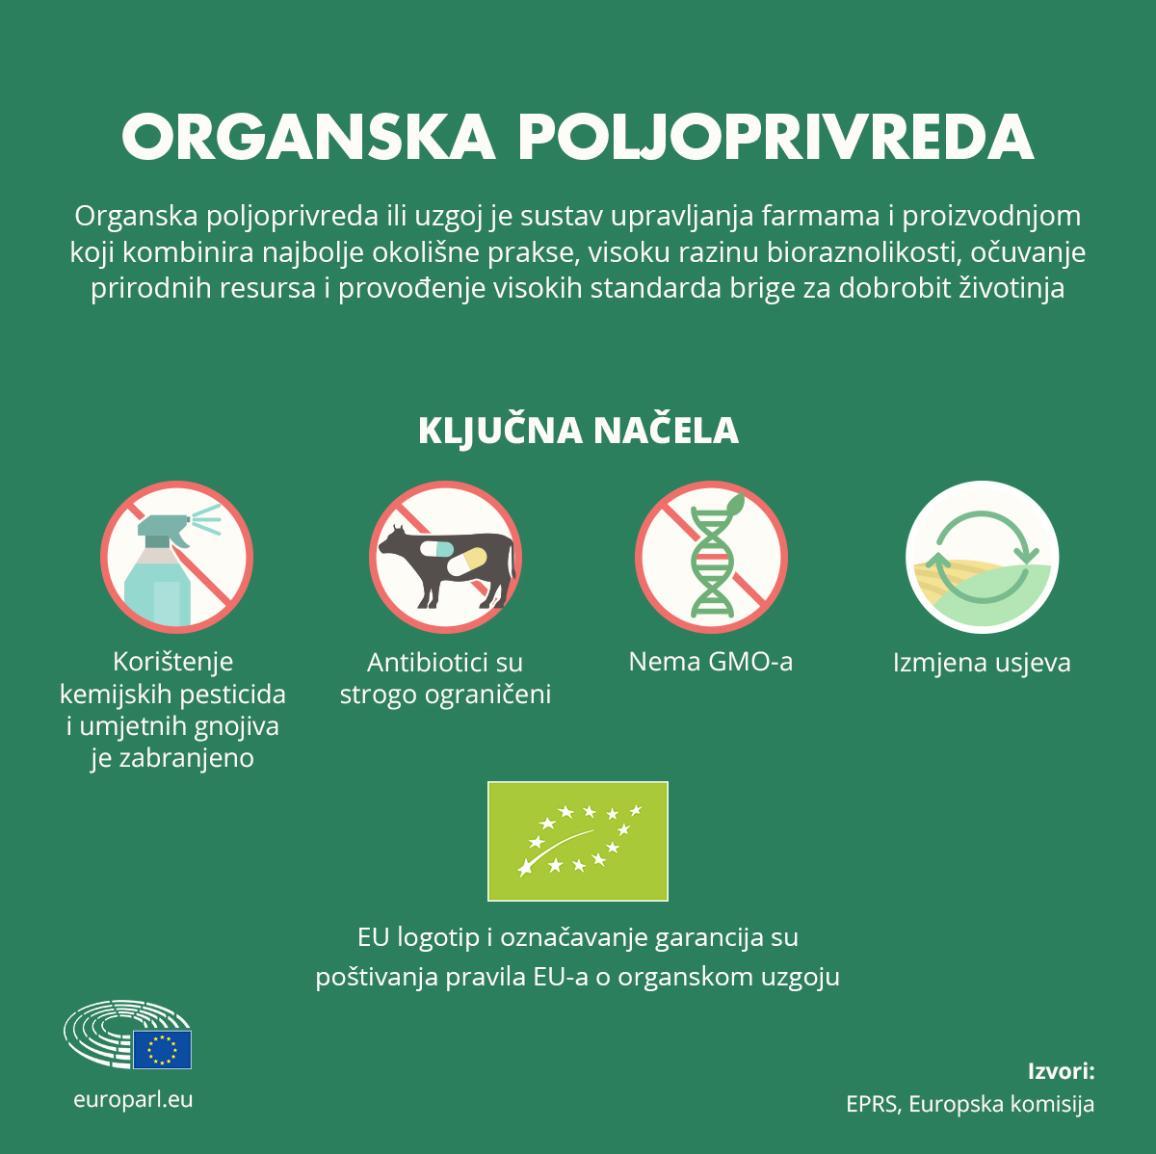 Infografika o organskoj poljoprivredi